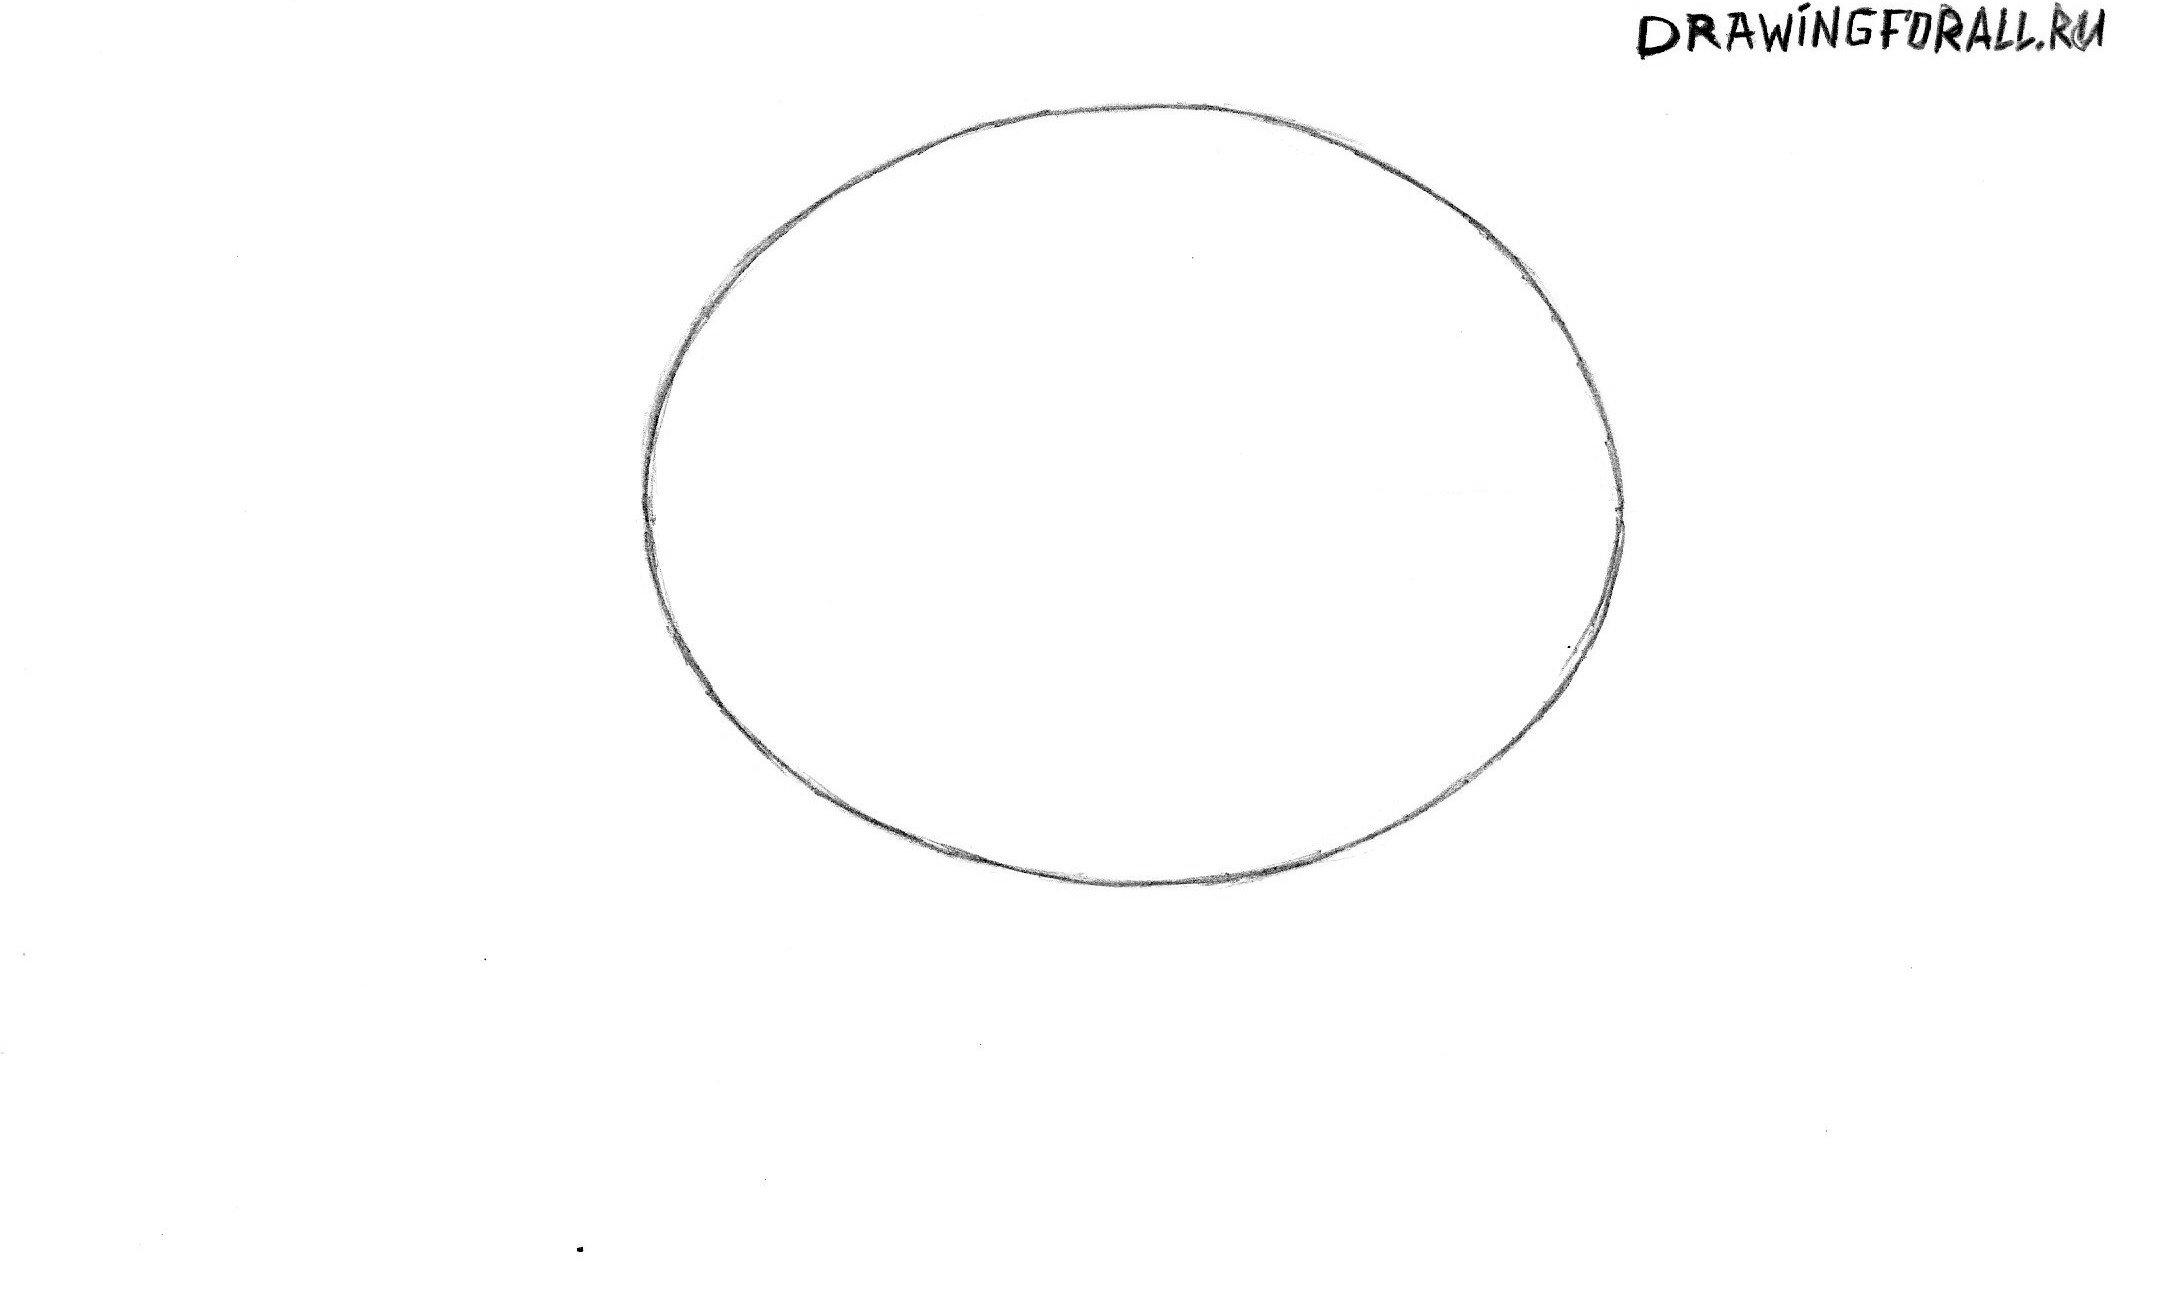 рисуем голову Картмана из Южного Парка